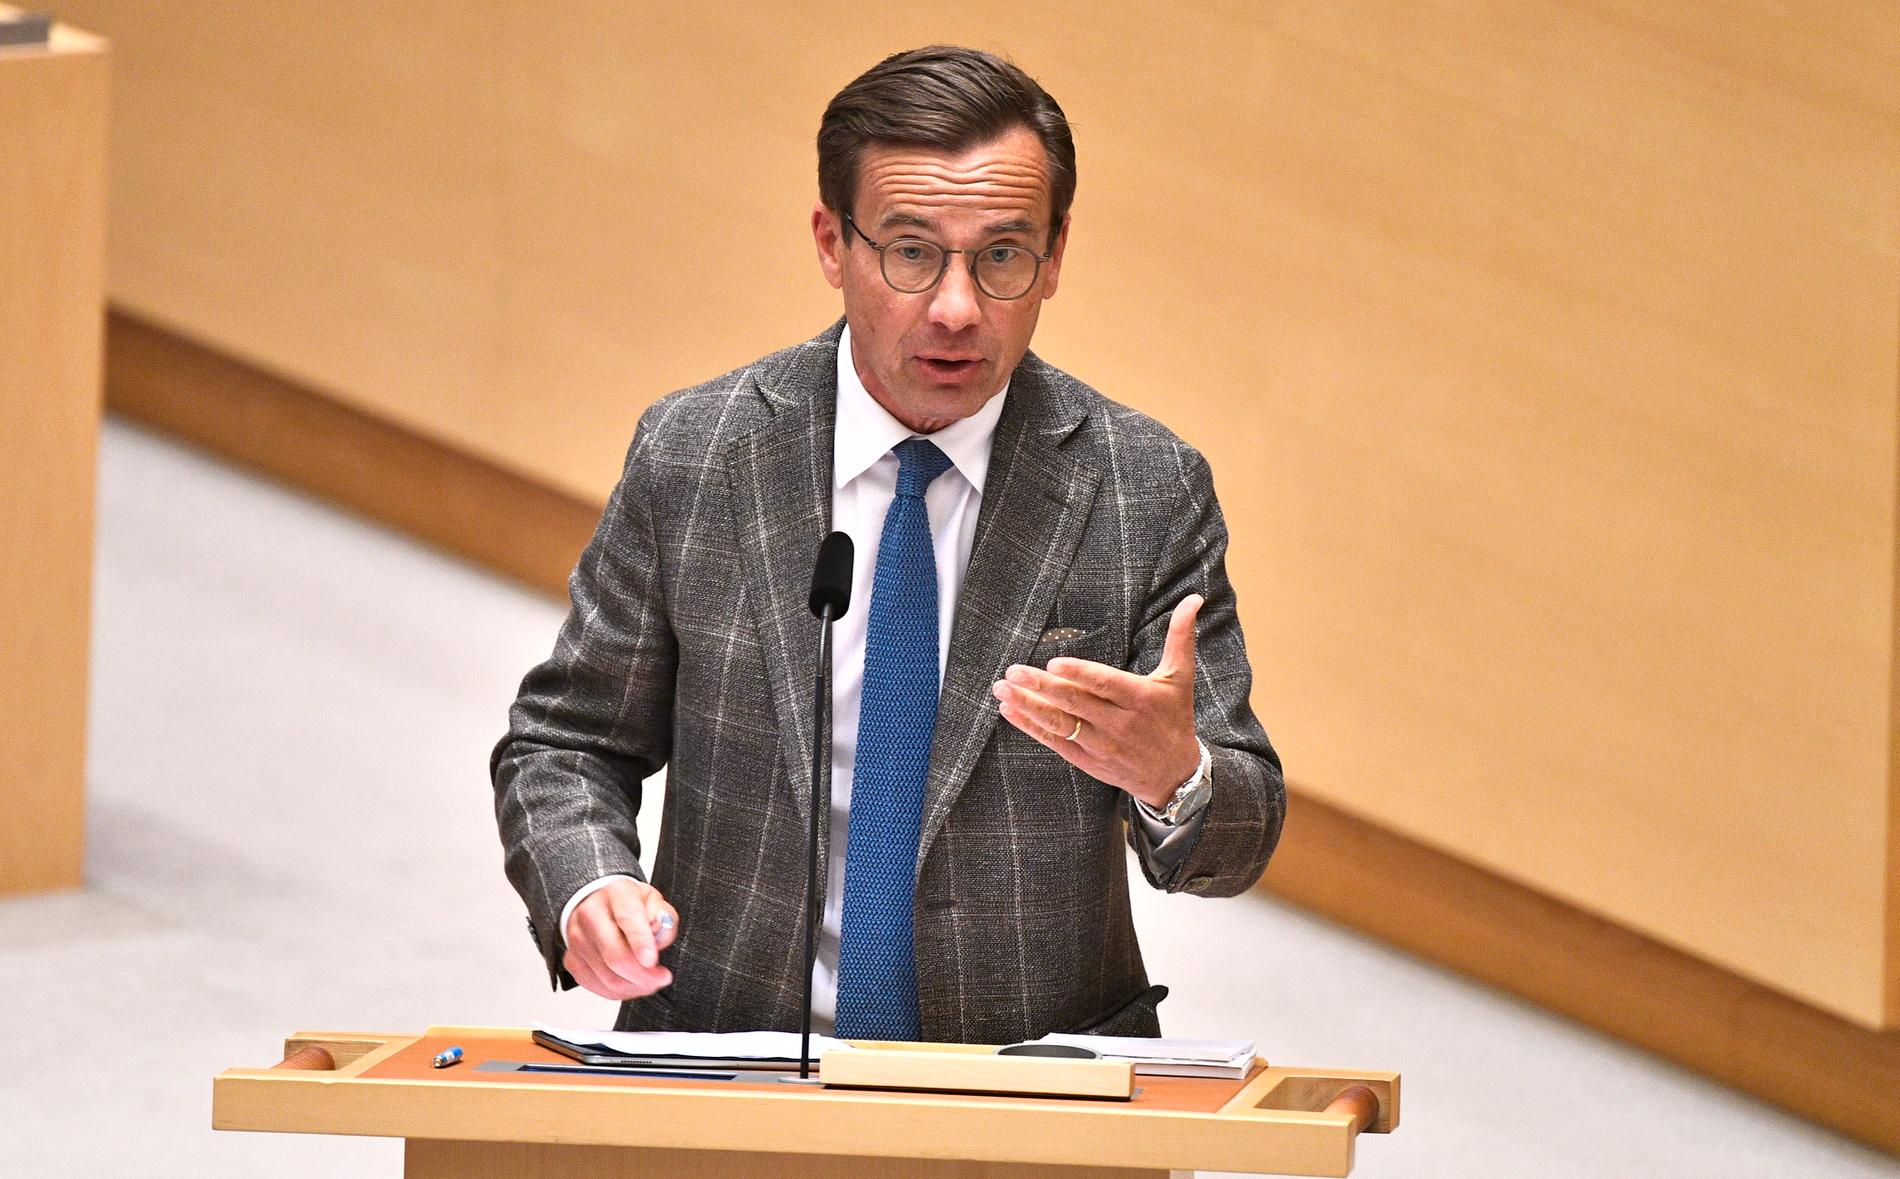 Ulf Kristersson verkade mest sur över att svensk polis lyckats genomföra den största polisinsatsen någonsin under gårdagen.